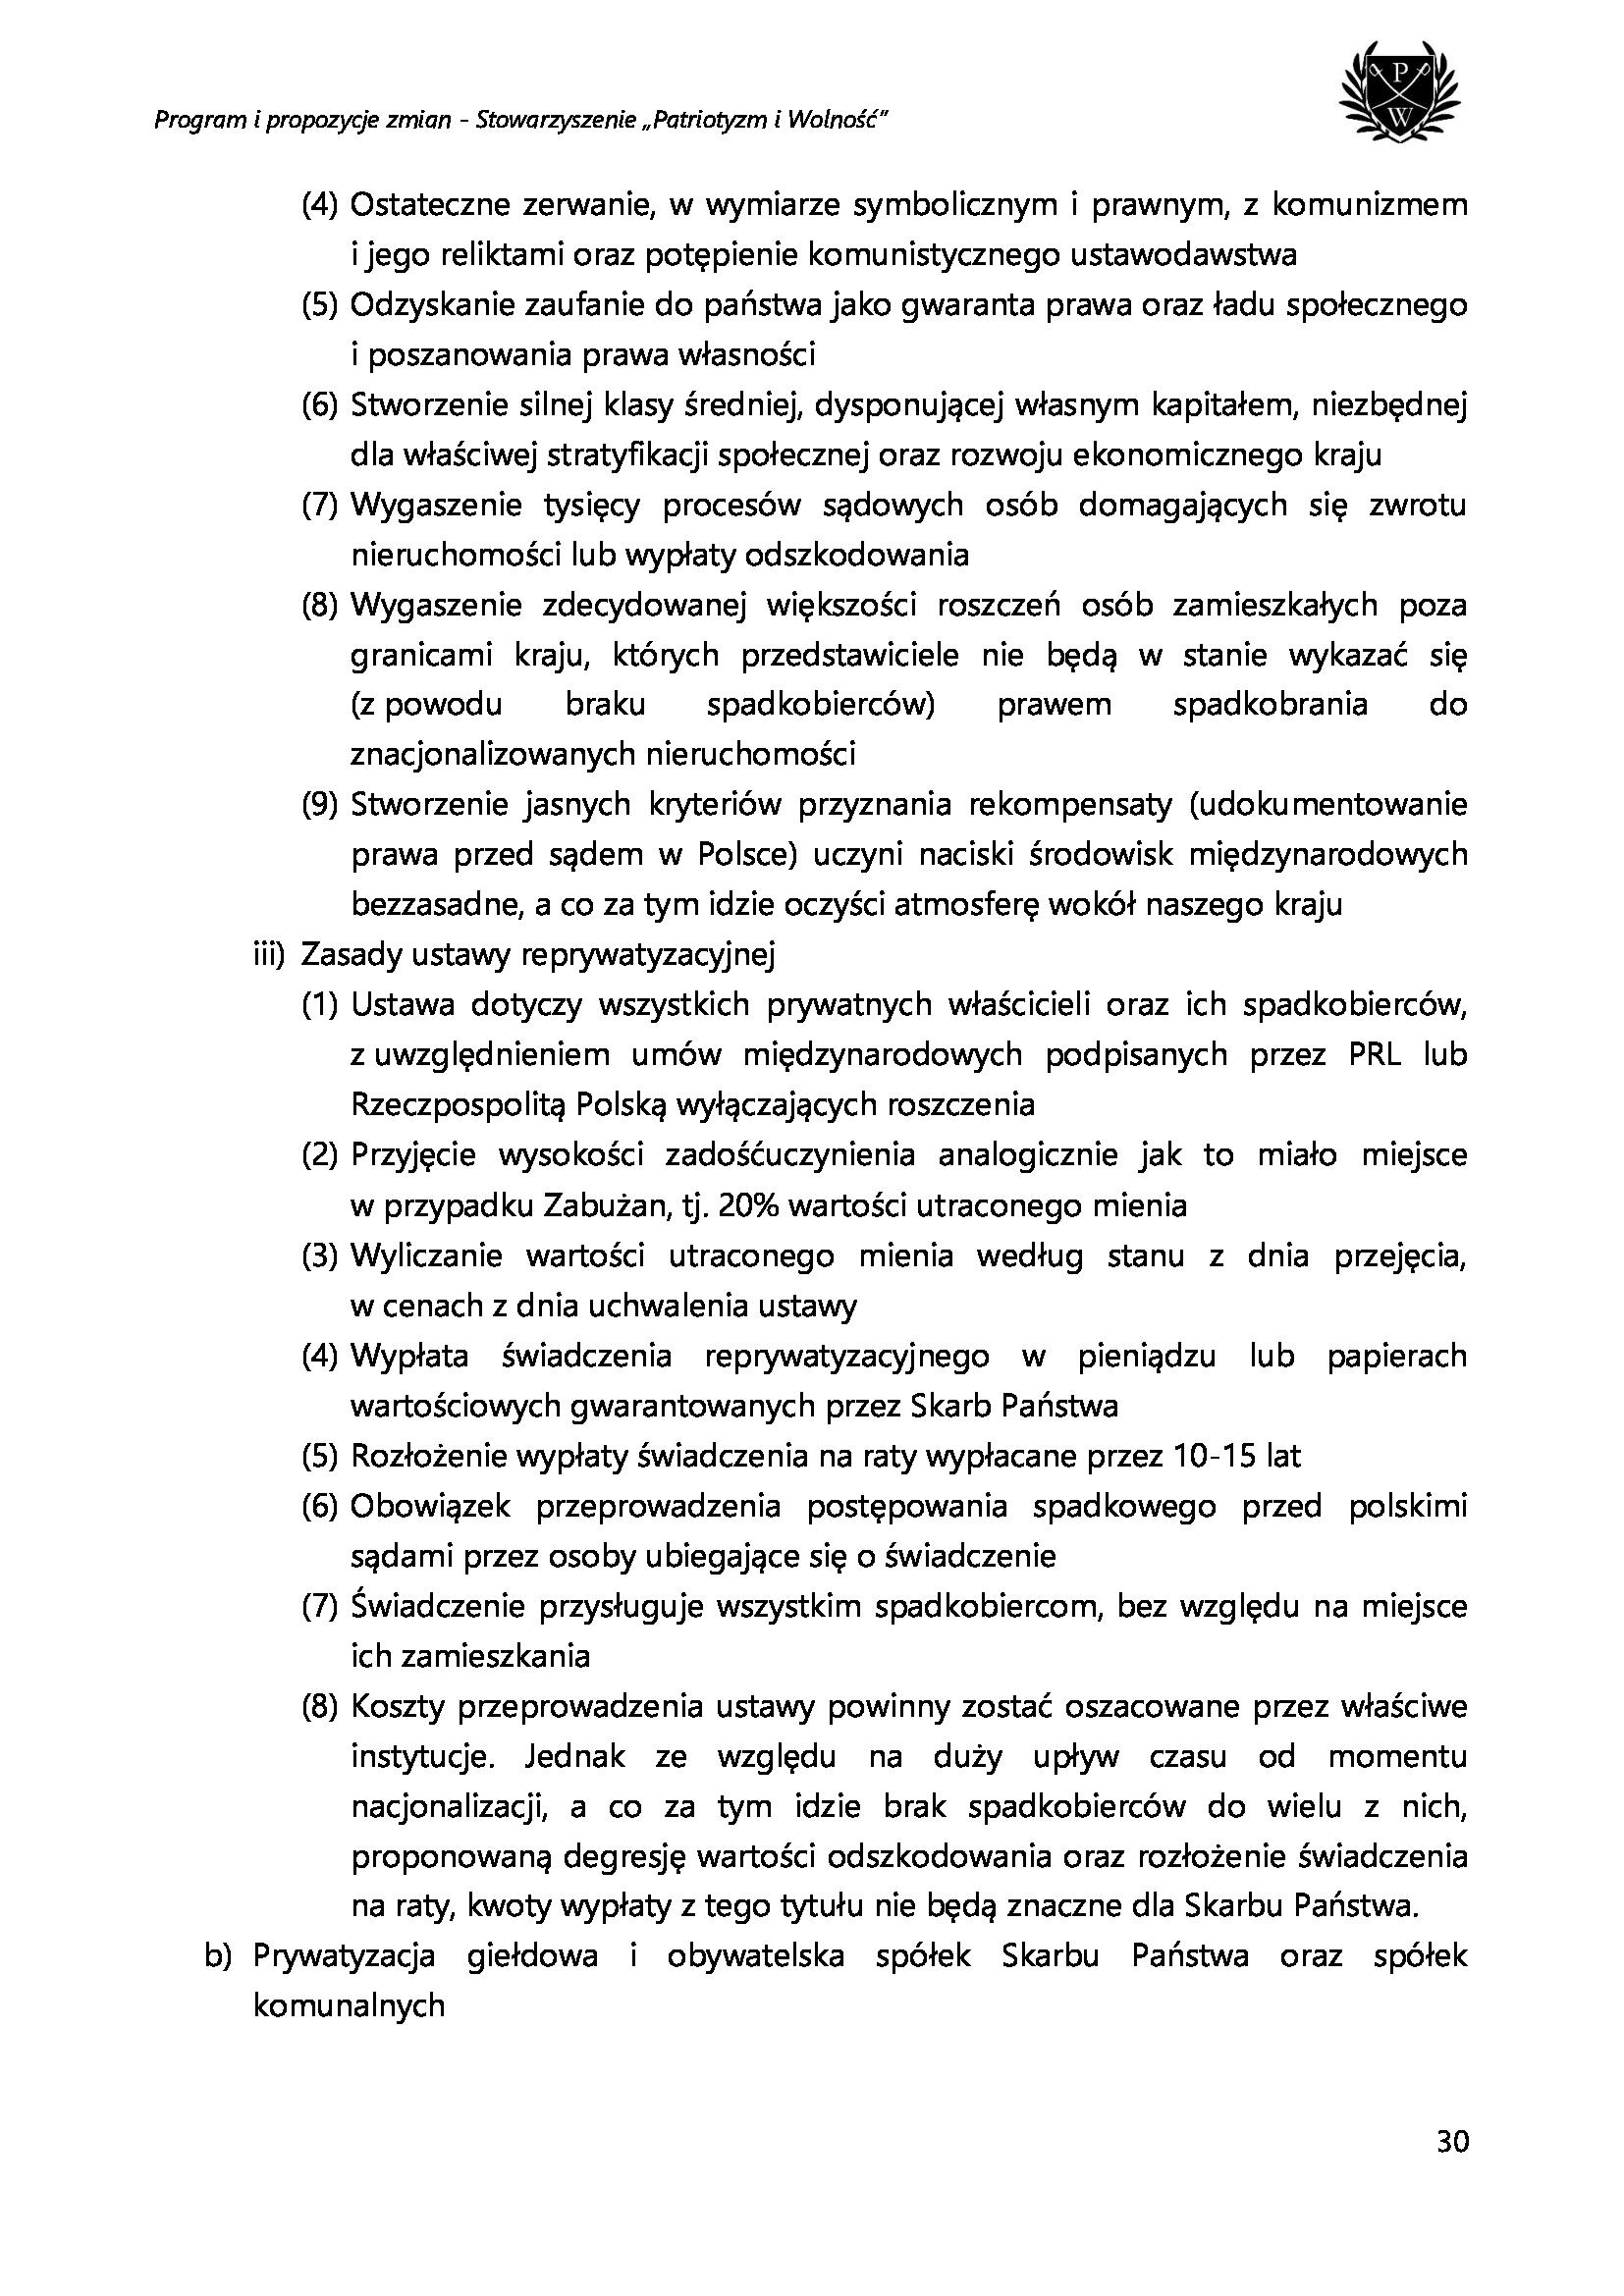 db9e272ef5a9a2e66d26f1905be6c507-30